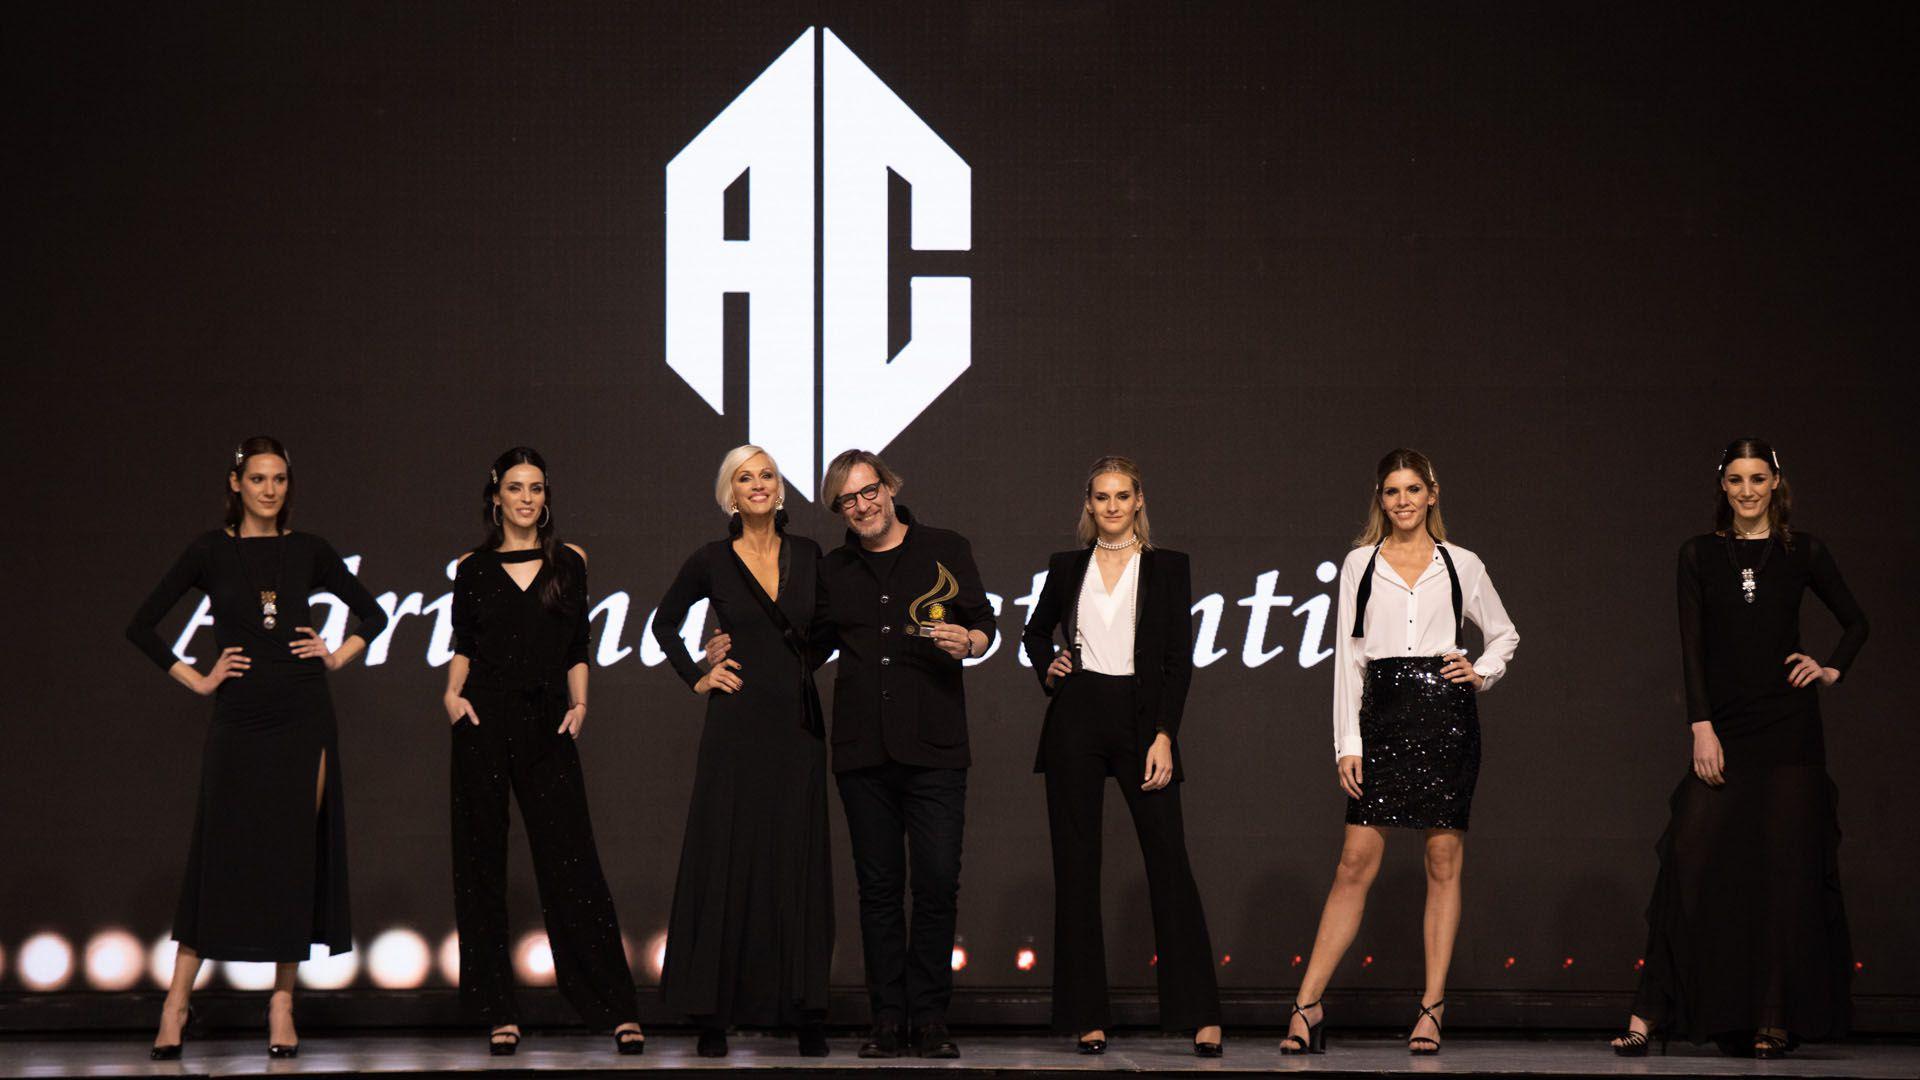 Para cerrar la pasada de Adriana Costantini a puro esmoquin femenino, la conductora y supermodelo posó junto a Elio De Angeli, el diseñador de la marca